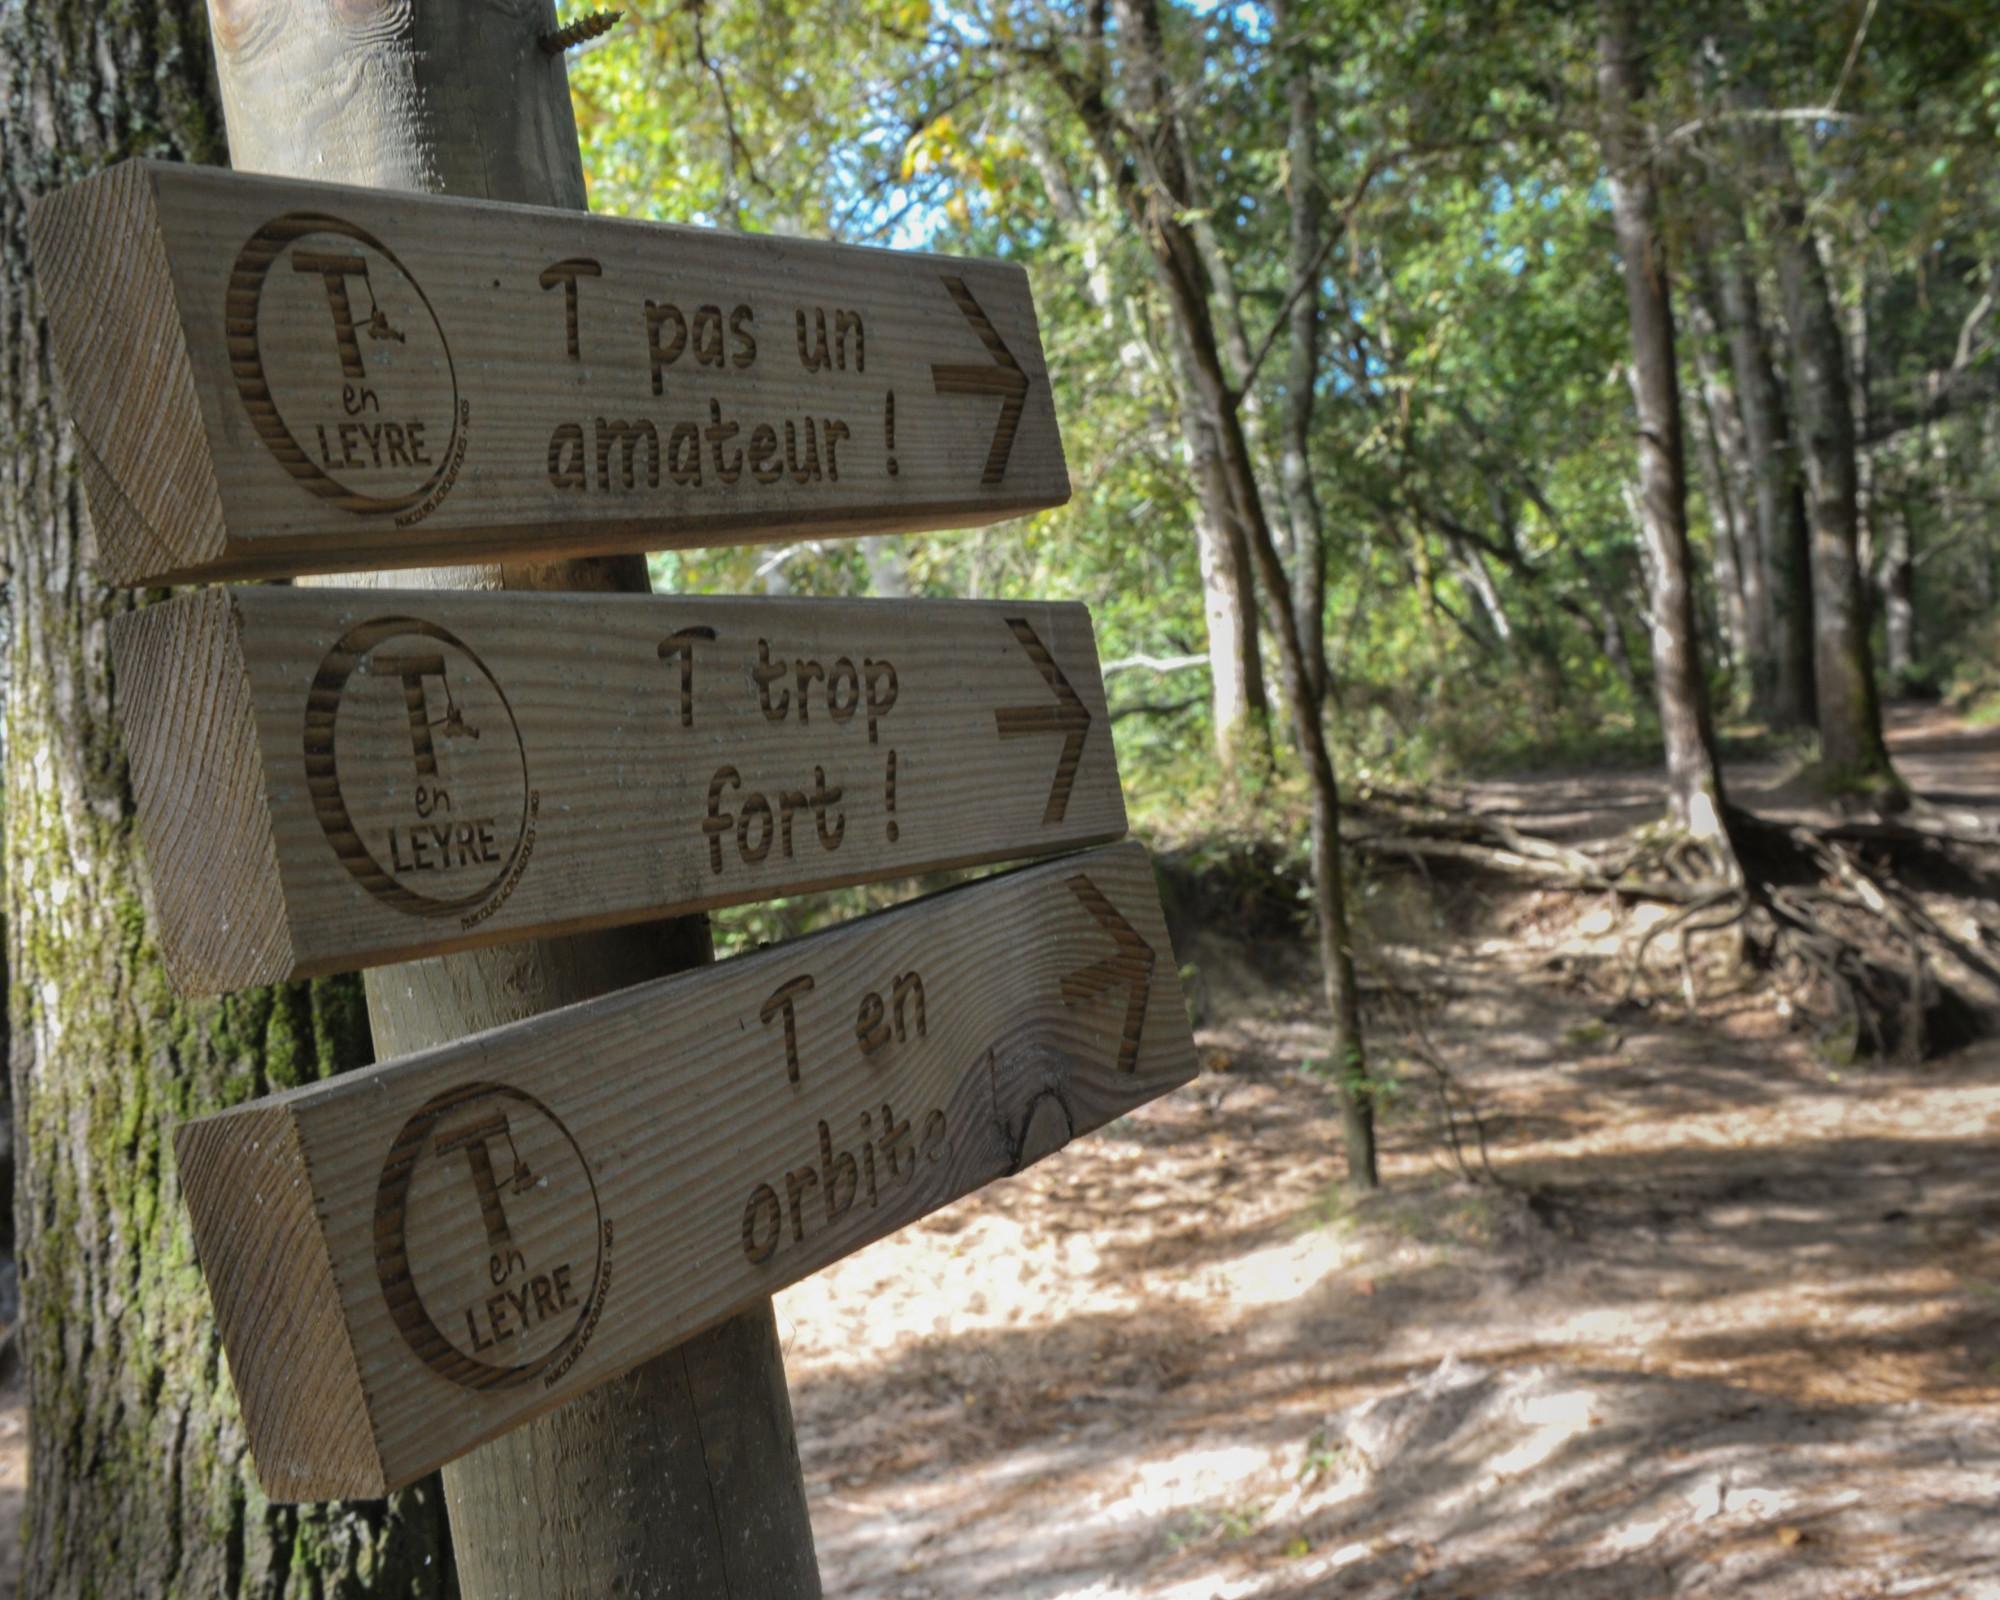 Photo 1: Un parcours accro branche pas comme les autres